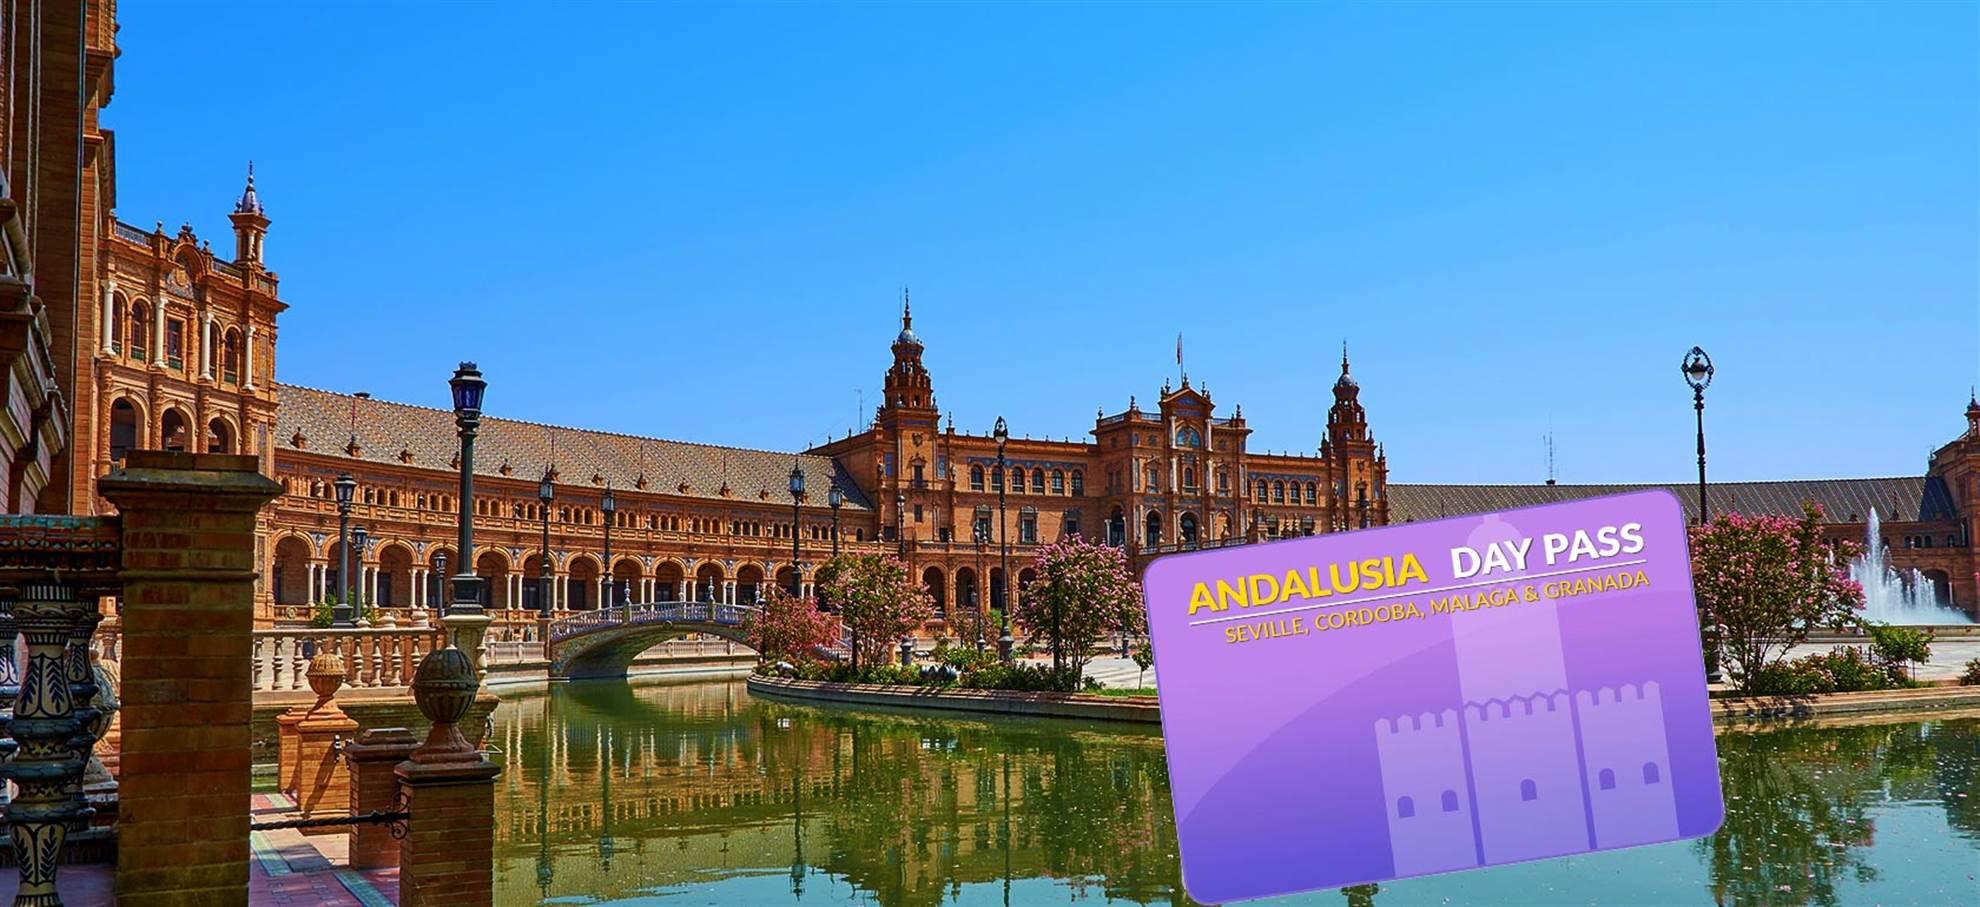 Andalusia Day Pass per Siviglia/Cordoba/Malaga/Granada